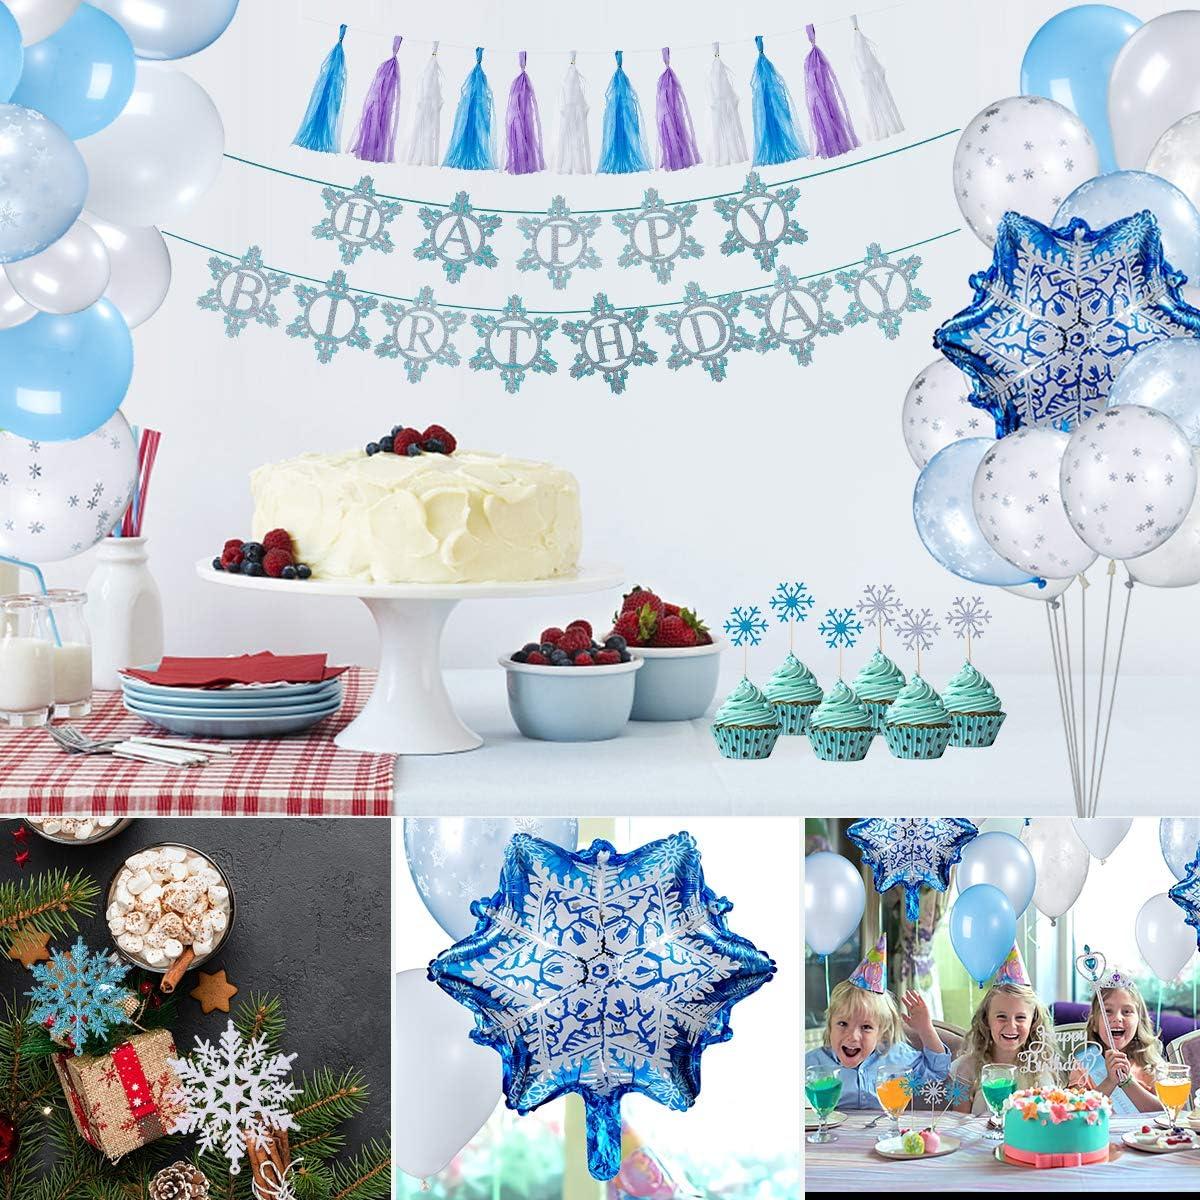 Blu Festa Ghirlanda di Palloncini Cupcake Topper Banner per Bambini Compleanno Decorazione FORMIZON Decorazioni Feste Compleanno Fiocchi Neve Decorazioni per Feste di Compleanno